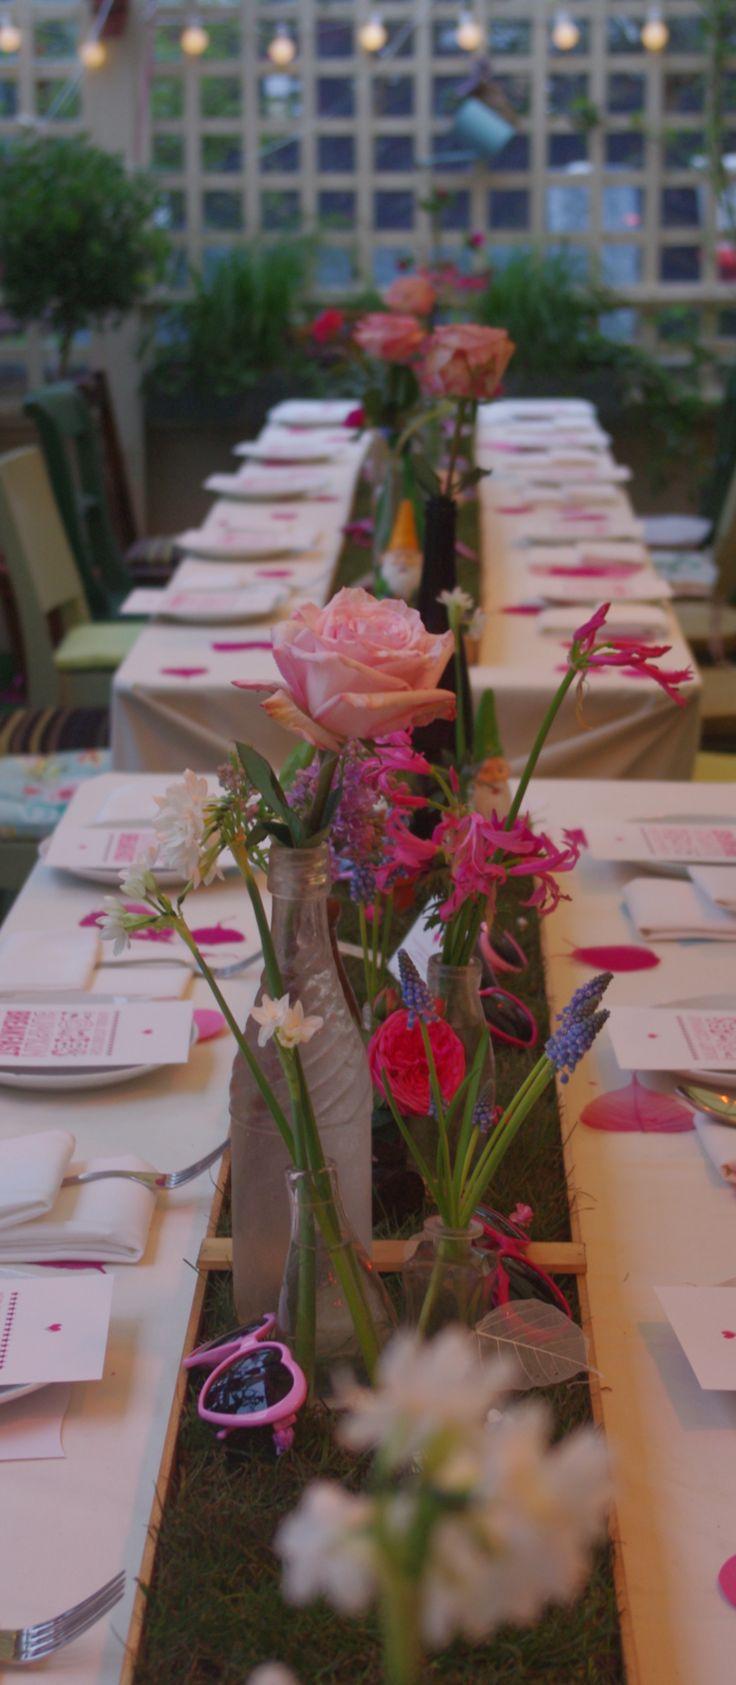 valentine's day sydney restaurants